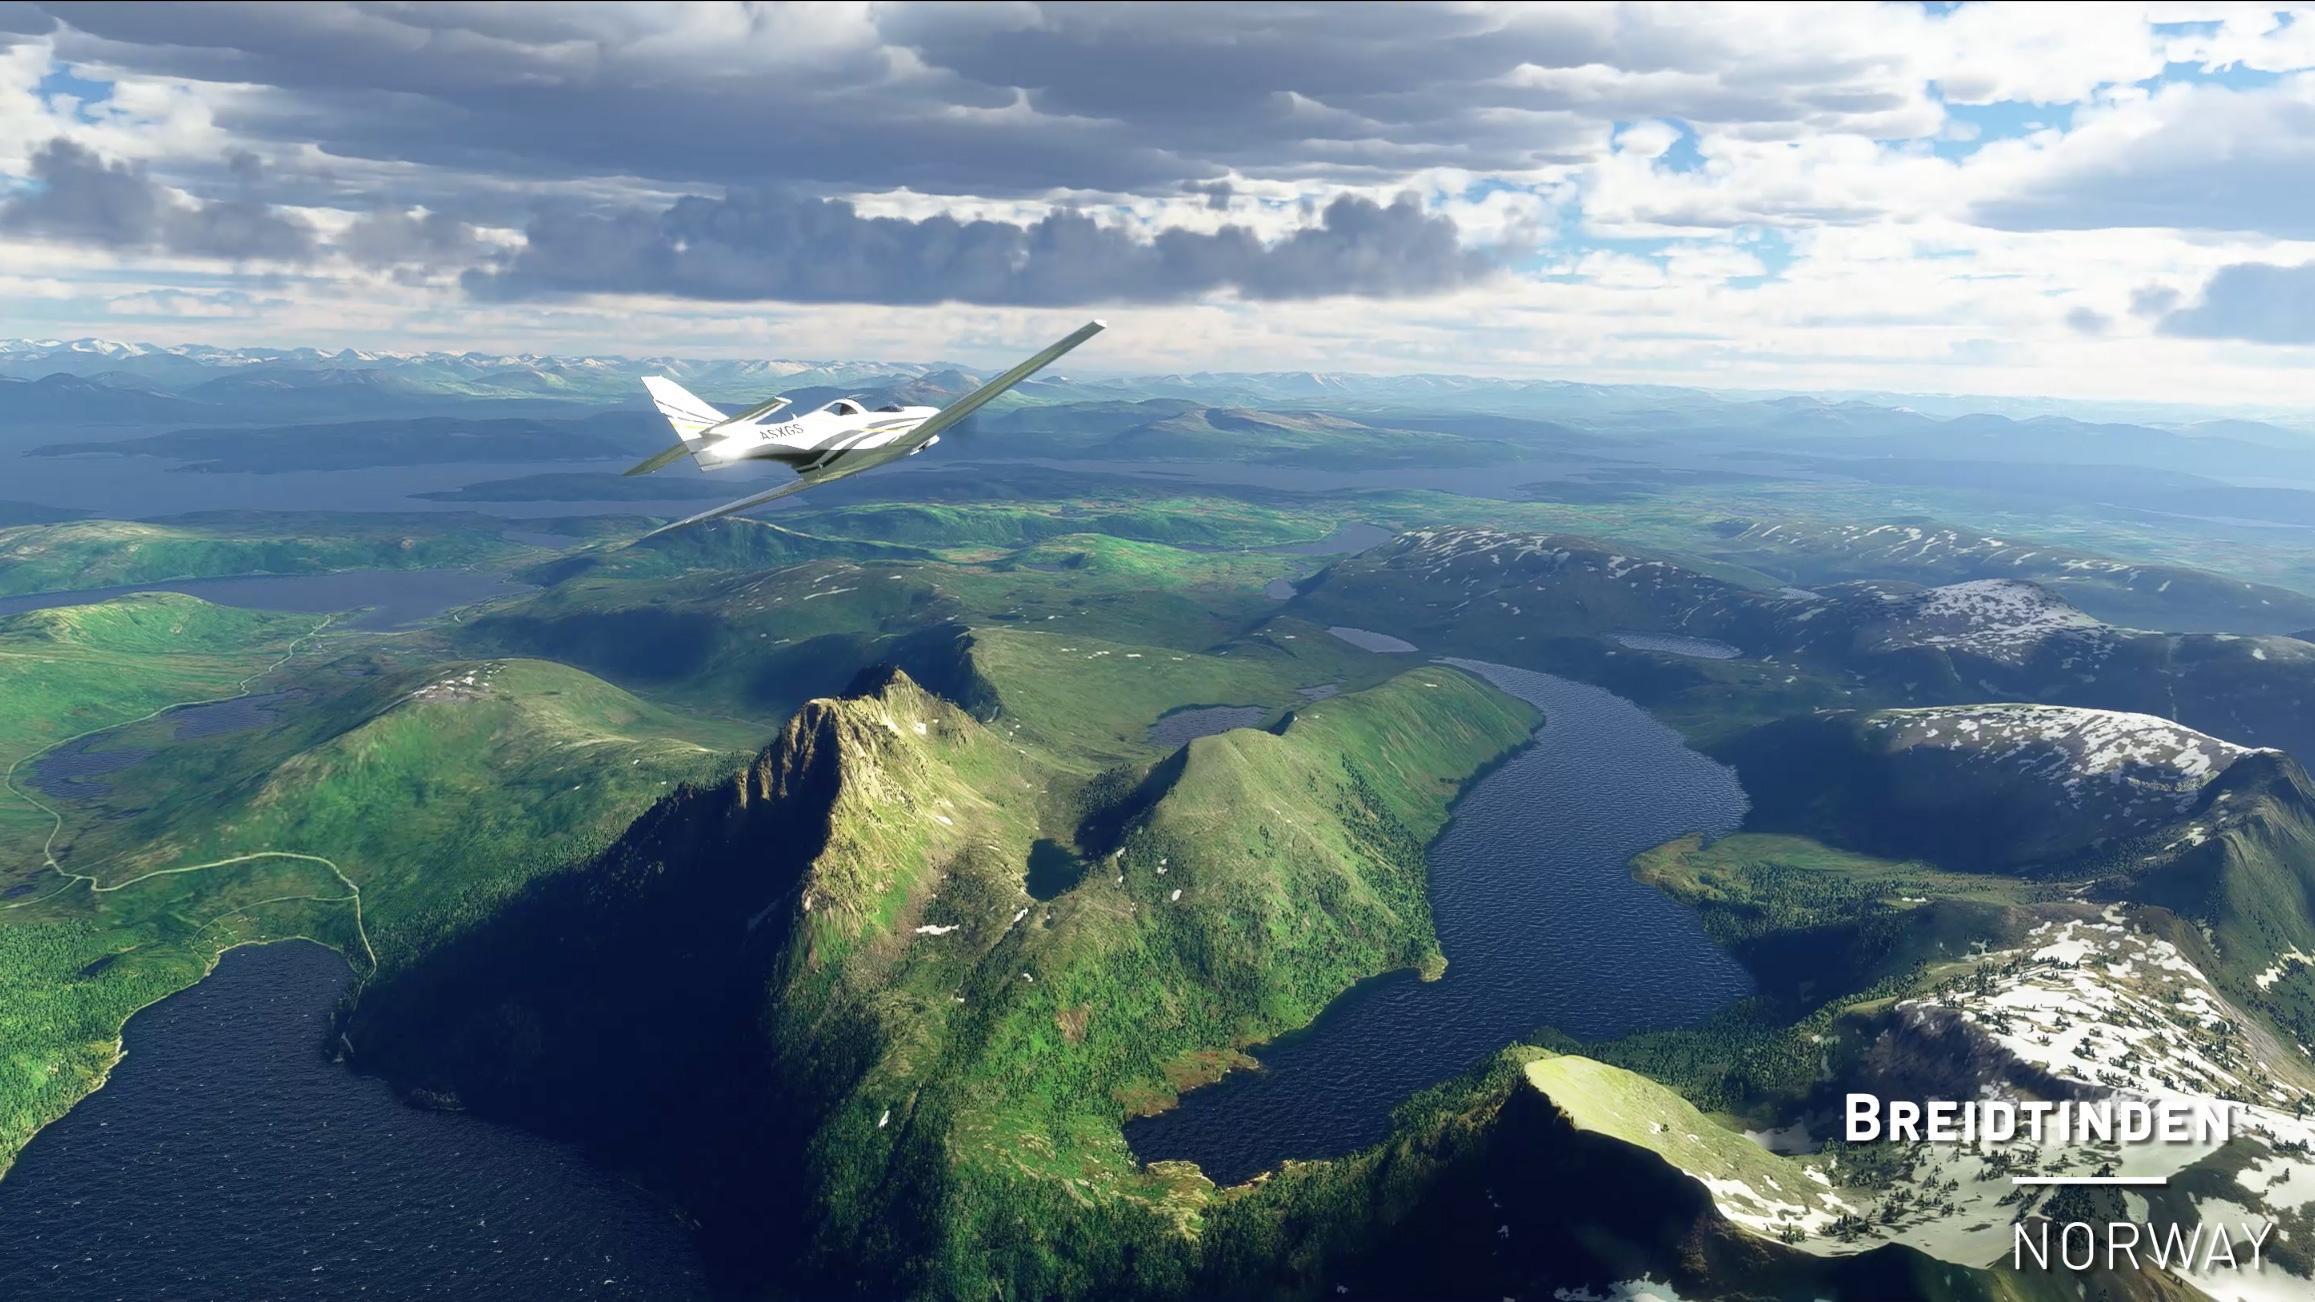 Med hjelp fra geologer melder Microsoft at Norges terreng i Flight Simulator er nøyaktig representert ned til en meter.